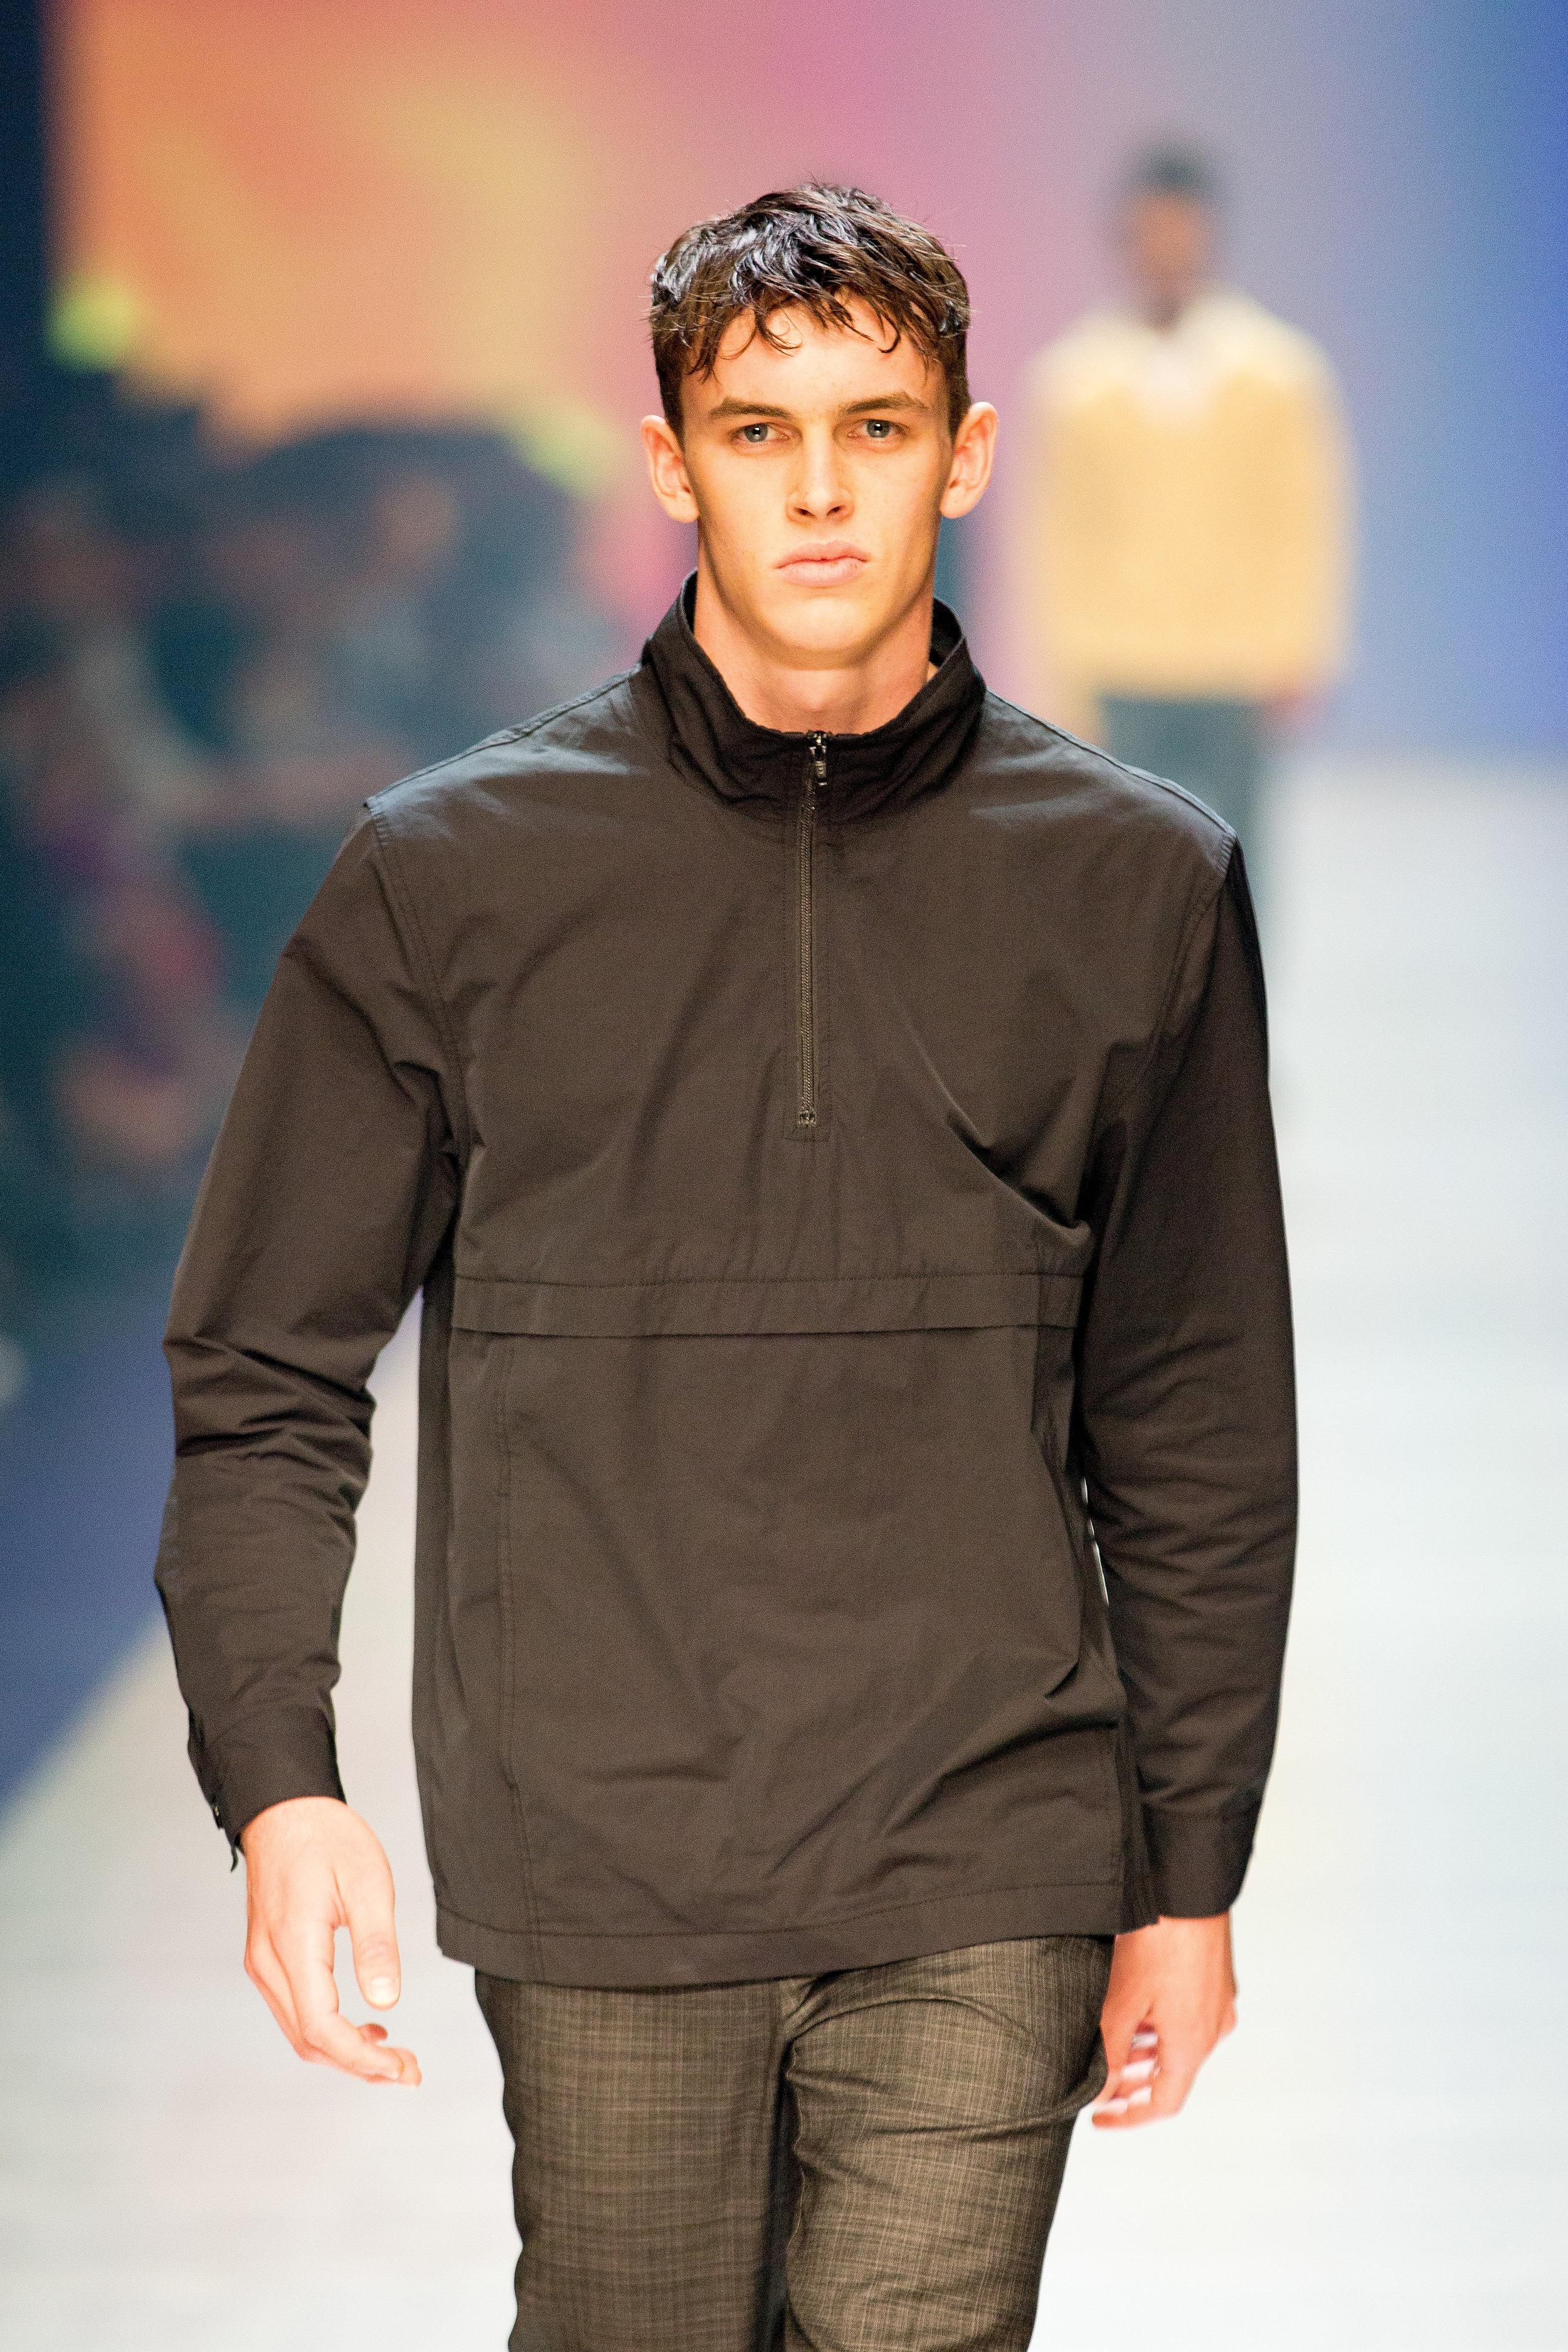 VAMFF2019_GQ Menswear-142.jpg